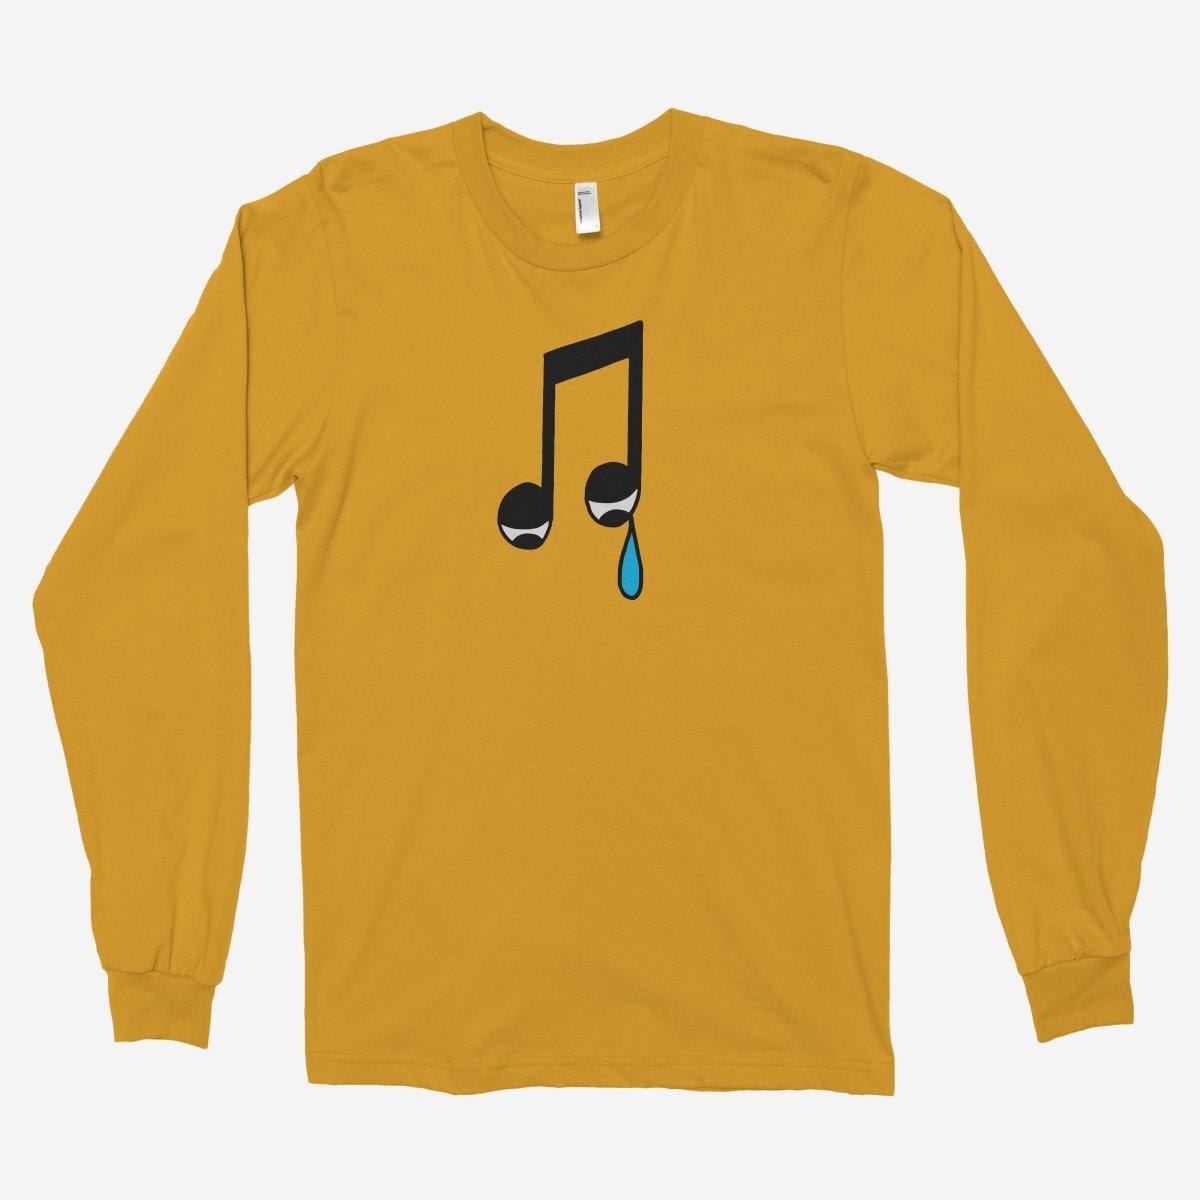 Rex Orange County - Sad Note Unisex Long Sleeve T-Shirt